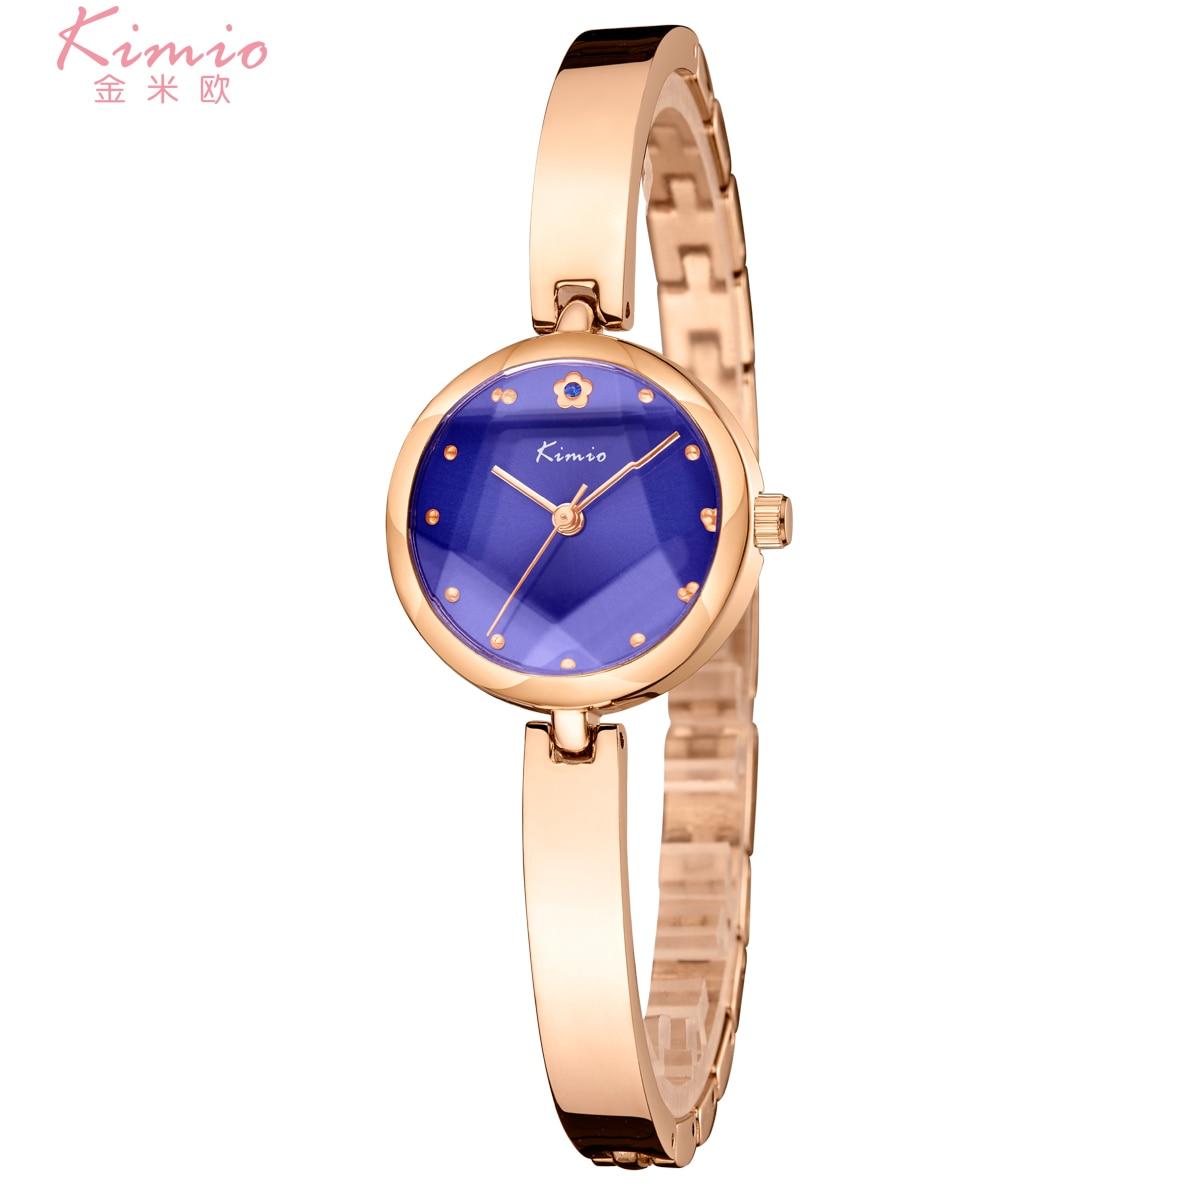 Kimio Quarz Diamant Armbanduhr Legierung Rose Gold Frauen Armband Uhr Frauen Kleid Frau Uhren Luxus Marke Damen Uhr K6211 Hohe QualitäT Und Preiswert Uhren